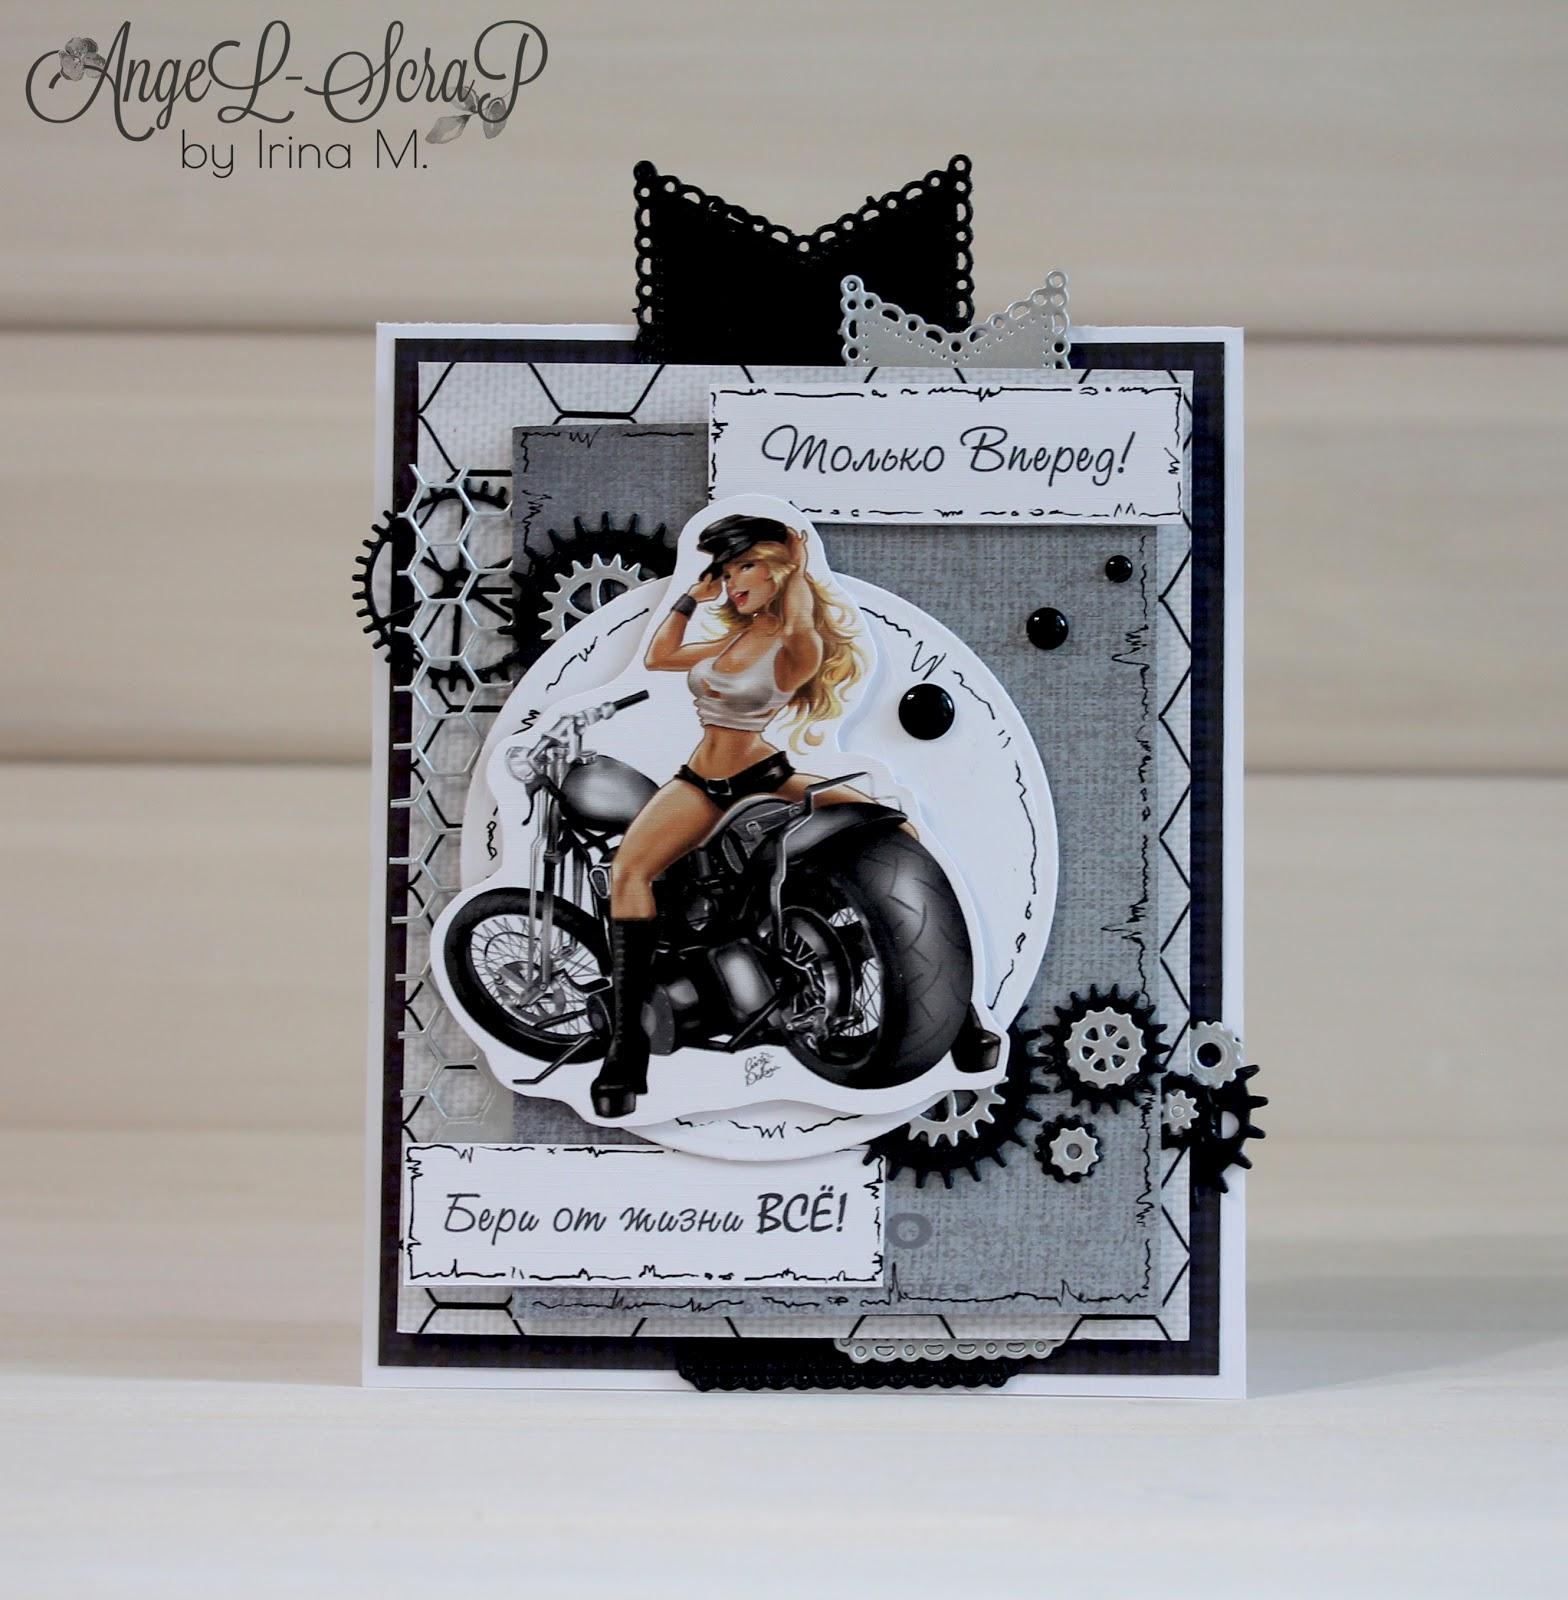 Открытки с днем рождения парню: прикольные и интересные идеи. как сделать красивую оригинальную открытку своими руками